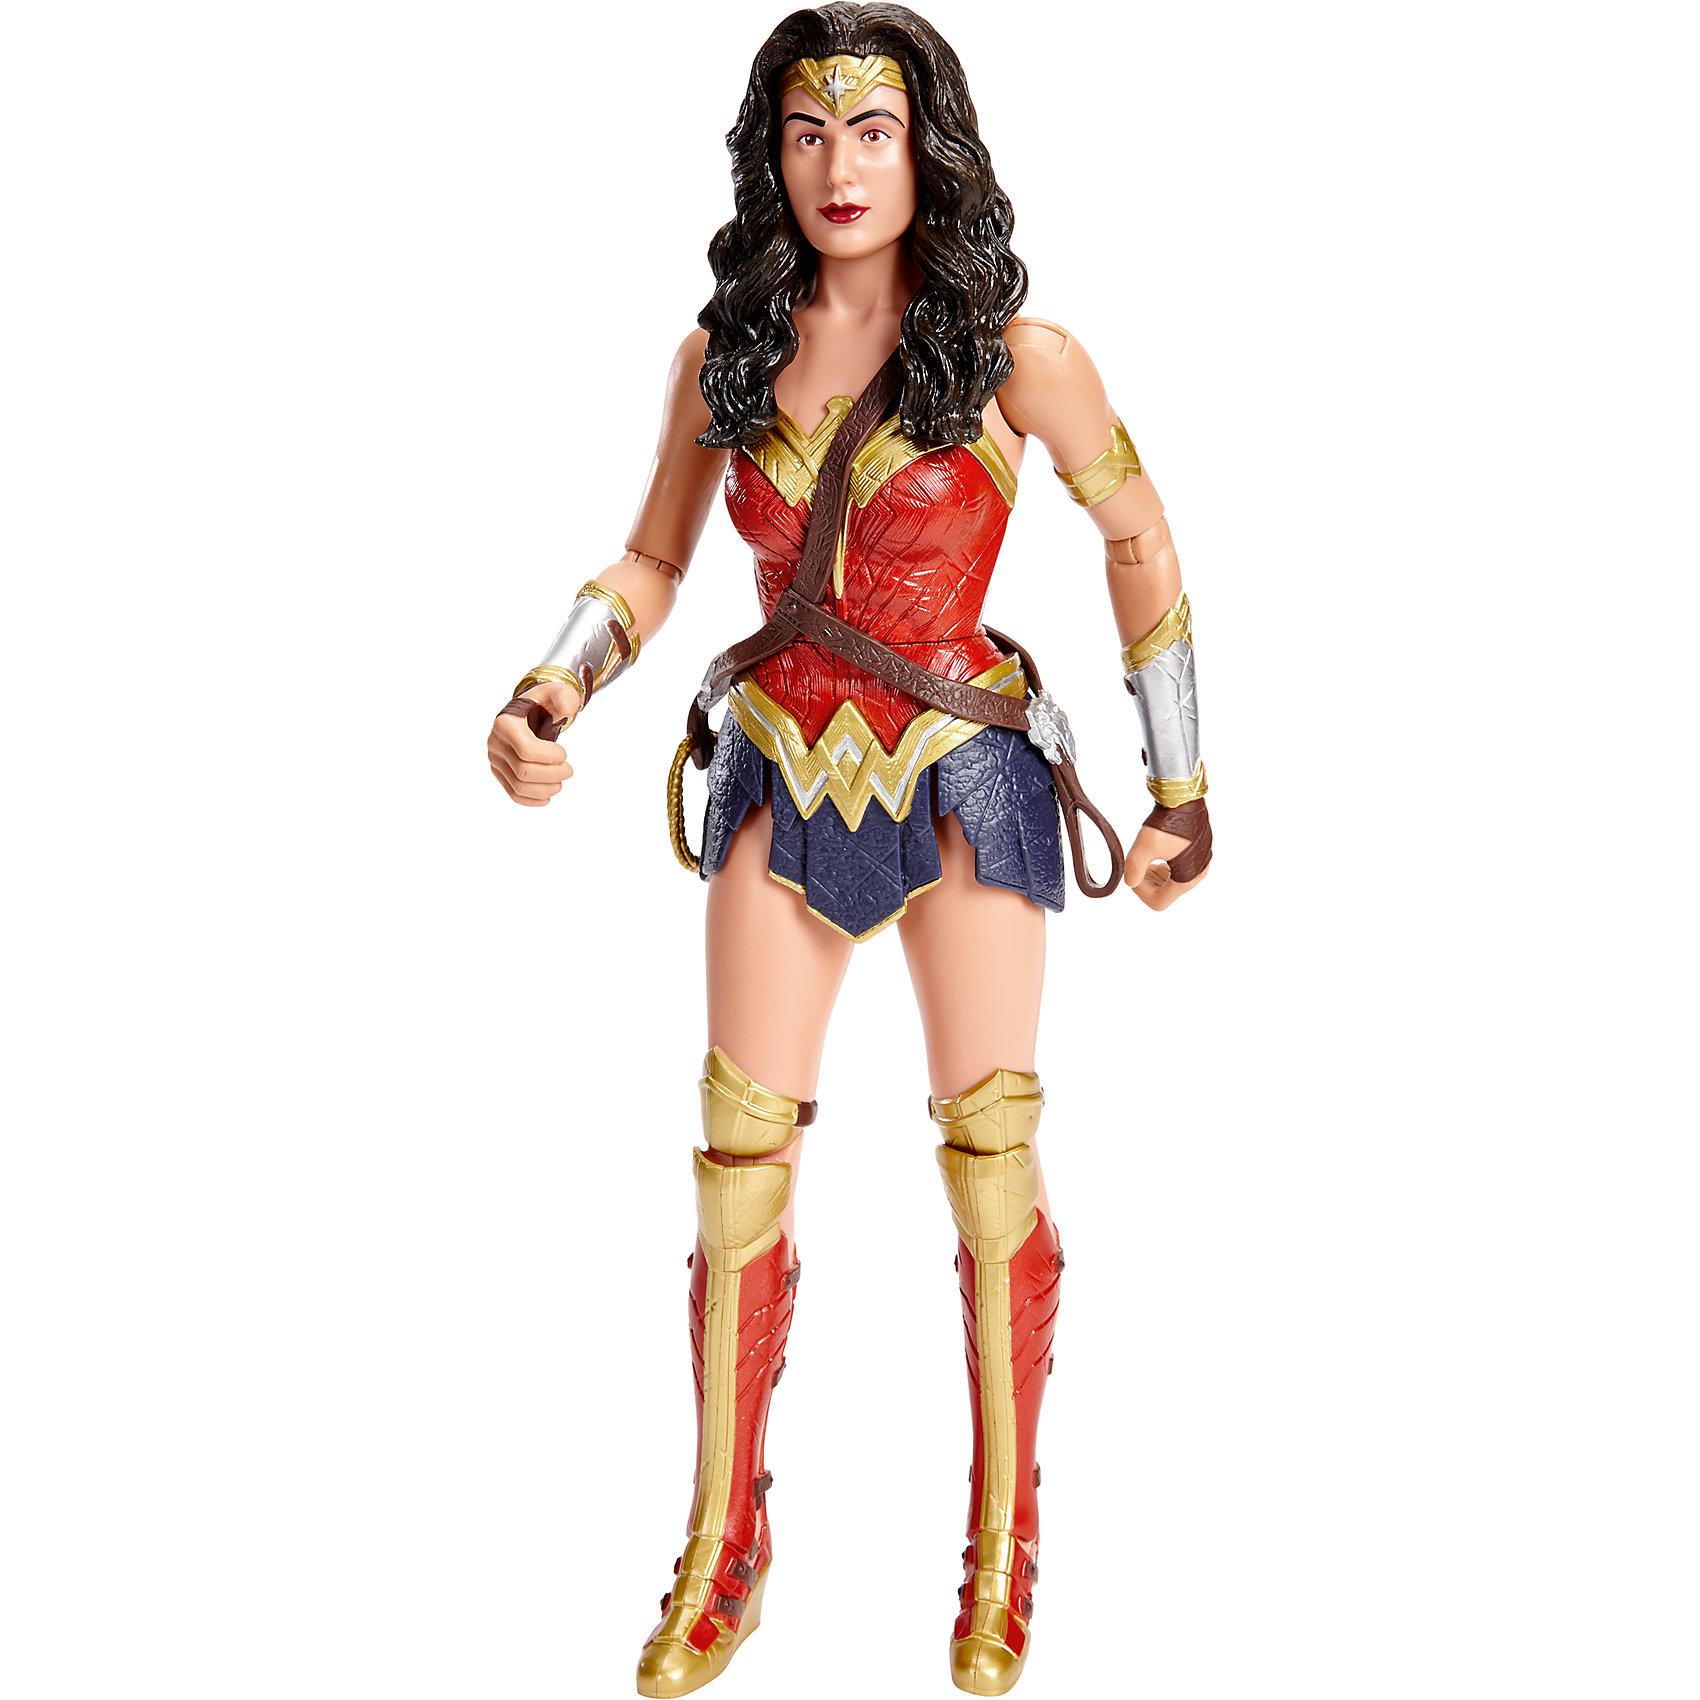 Фигурка Чудо женщина  Бэтмен vs Супермен, 30 смСупермен<br>Новые фигурки любимых персонажей из серии «Бэтмен против Супермена: На заре справедливости» приведут в восторг всех поклонников Marvel. Фигурка Чудо-женщины  максимально детализирована, имеет  тщательно проработанный костюм и большое количество аксессуаров. Игрушка выполнена из высококачественного пластика, раскрашена экологичными гипоаллергенными красителями, имеет более 10 шарниров, что позволяет приобретать любые, очень реалистичные позы. <br><br>Дополнительная информация:<br><br>- Материал: пластик.<br>- Размер фигурки: 30 см. <br>- Голова, руки, ноги подвижные (более 10 шарниров).<br>- Прекрасно детализированы.<br><br>Фигурку Чудо женщина  Бэтмен vs Супермен, 30 см, можно купить в нашем магазине.<br><br>Ширина мм: 70<br>Глубина мм: 230<br>Высота мм: 330<br>Вес г: 701<br>Возраст от месяцев: 36<br>Возраст до месяцев: 144<br>Пол: Мужской<br>Возраст: Детский<br>SKU: 4556236